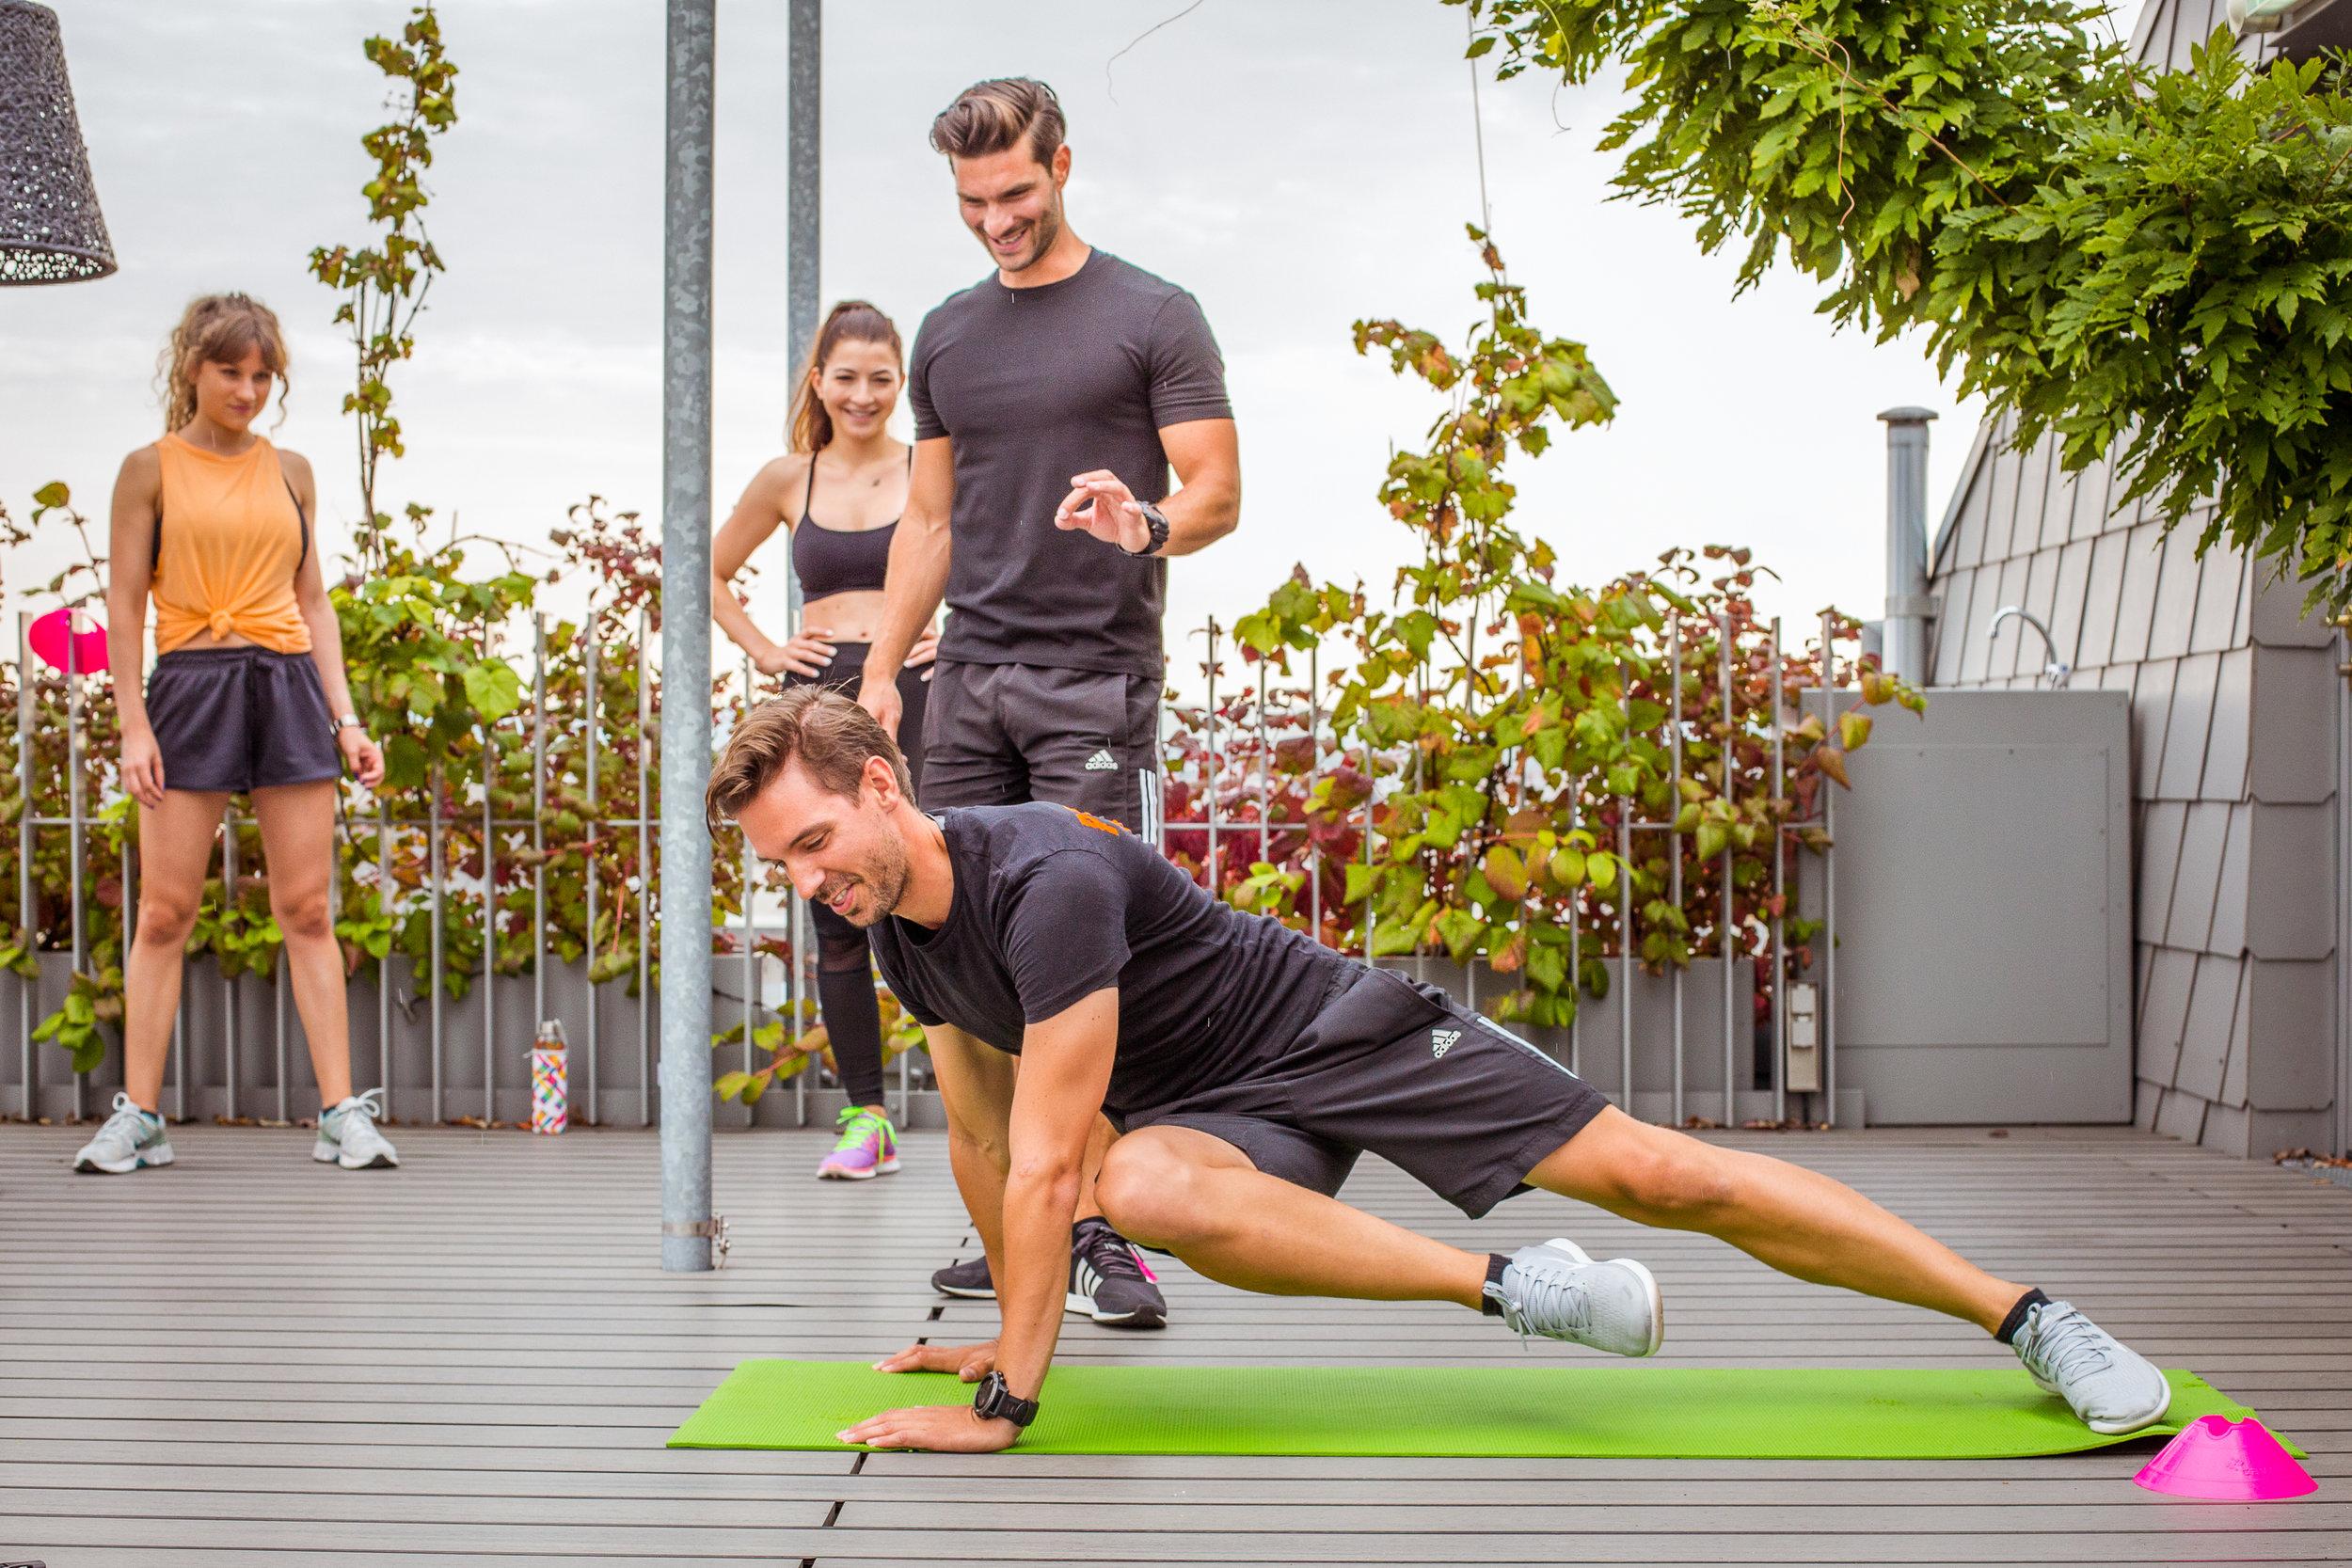 Trainingsplanung - Der Weg ist das Ziel!Egal ob Sie abnehmen möchten oder ein konkretes sportliches Ziel verfolgen. Ein konkreter Trainingsplanung macht immer Sinn. Ein guter und strukturierter Trainingsplan ist der Schlüssel zum Erfolg. Eine Trainingsplanung systematisiert nicht nur Ihr Ironman oder Marathon Training, inklusive der richtigen Ernährung und Regeneration, sondern fungiert auch als Stressmanagement Tool wenn es darum geht Beruf, Familie und Training unter einen Hut zu bringen. Regeneration ist in der heutigen Trainingsplanung zu einem wichtigen Bestandteil avanciert.ab 160€